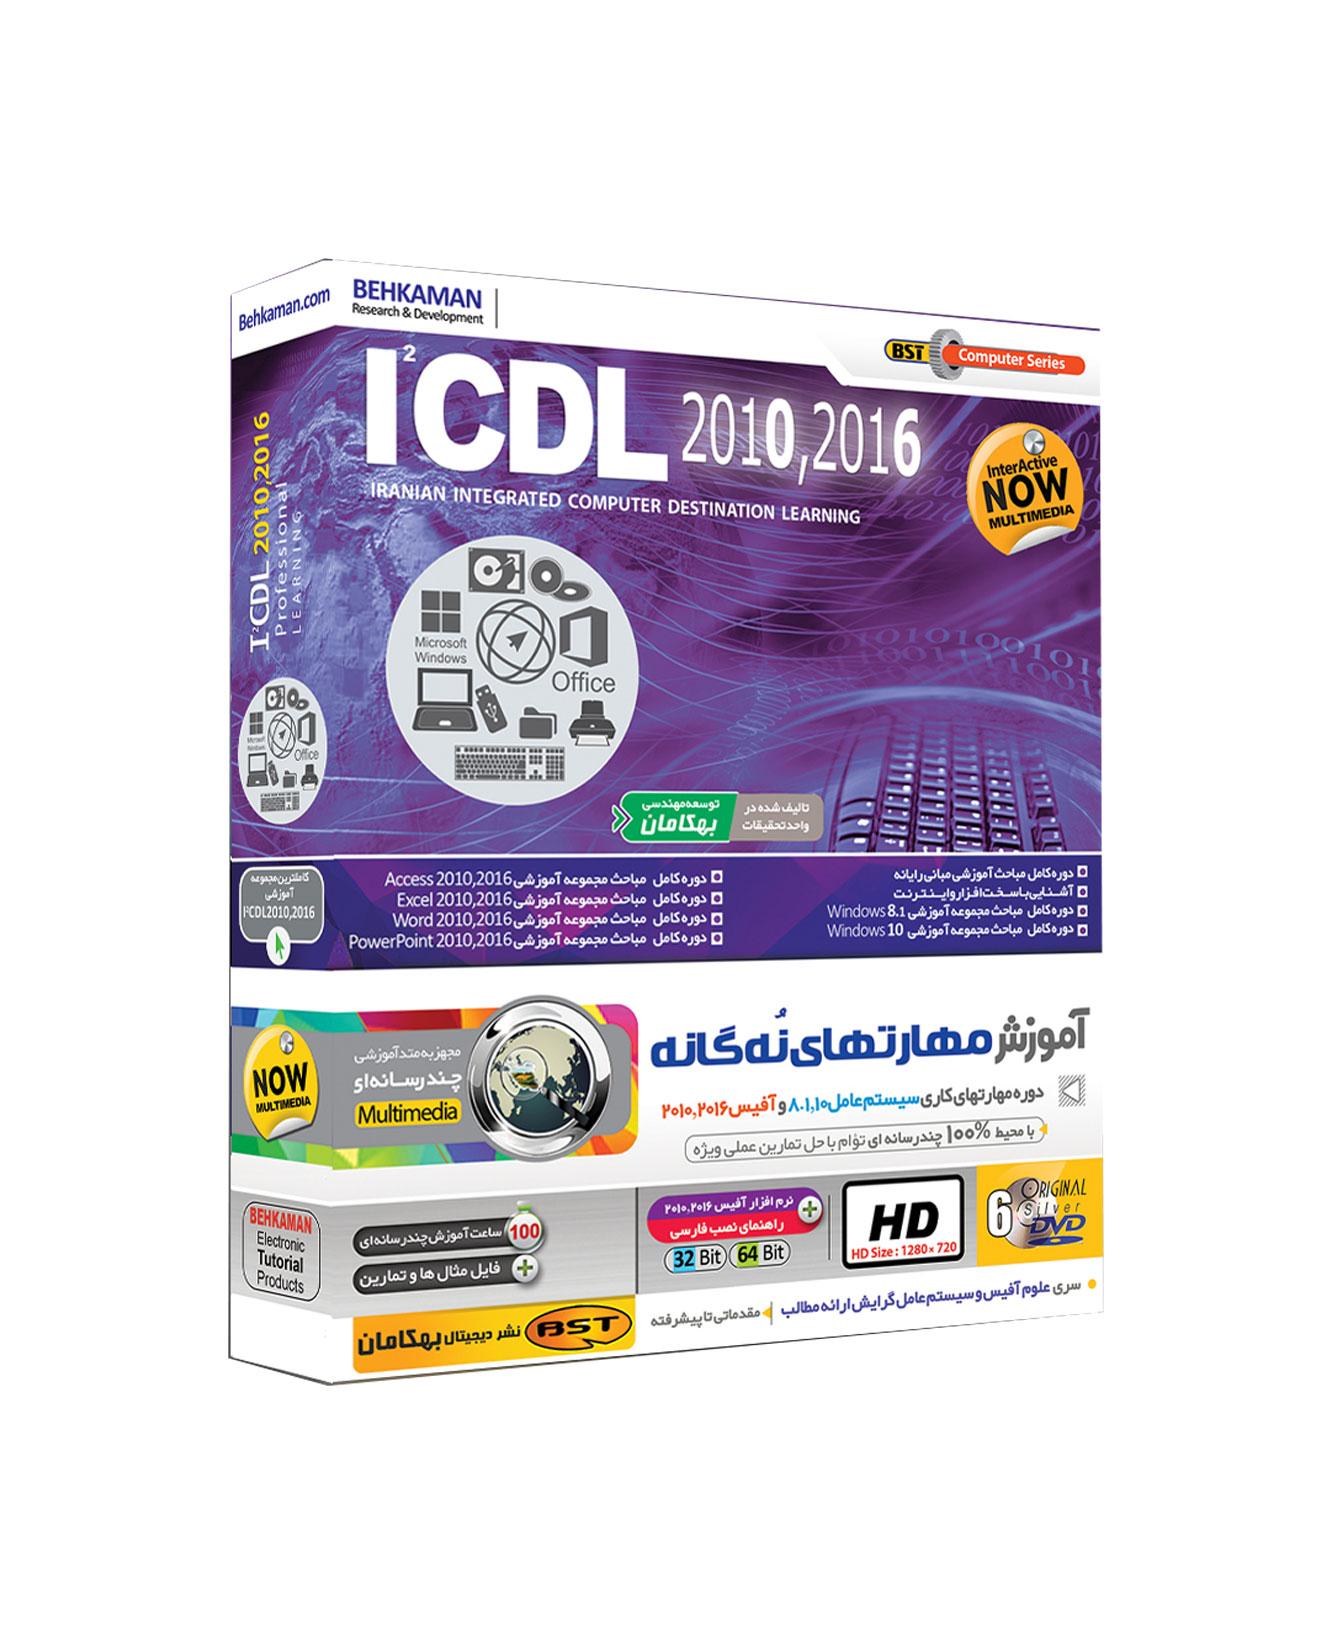 آموزش icdl 2010 , 2016 آموزش ICDL 2010 , 2016  D8 A2 D9 85 D9 88 D8 B2 D8 B4 ICDL 2010 2016